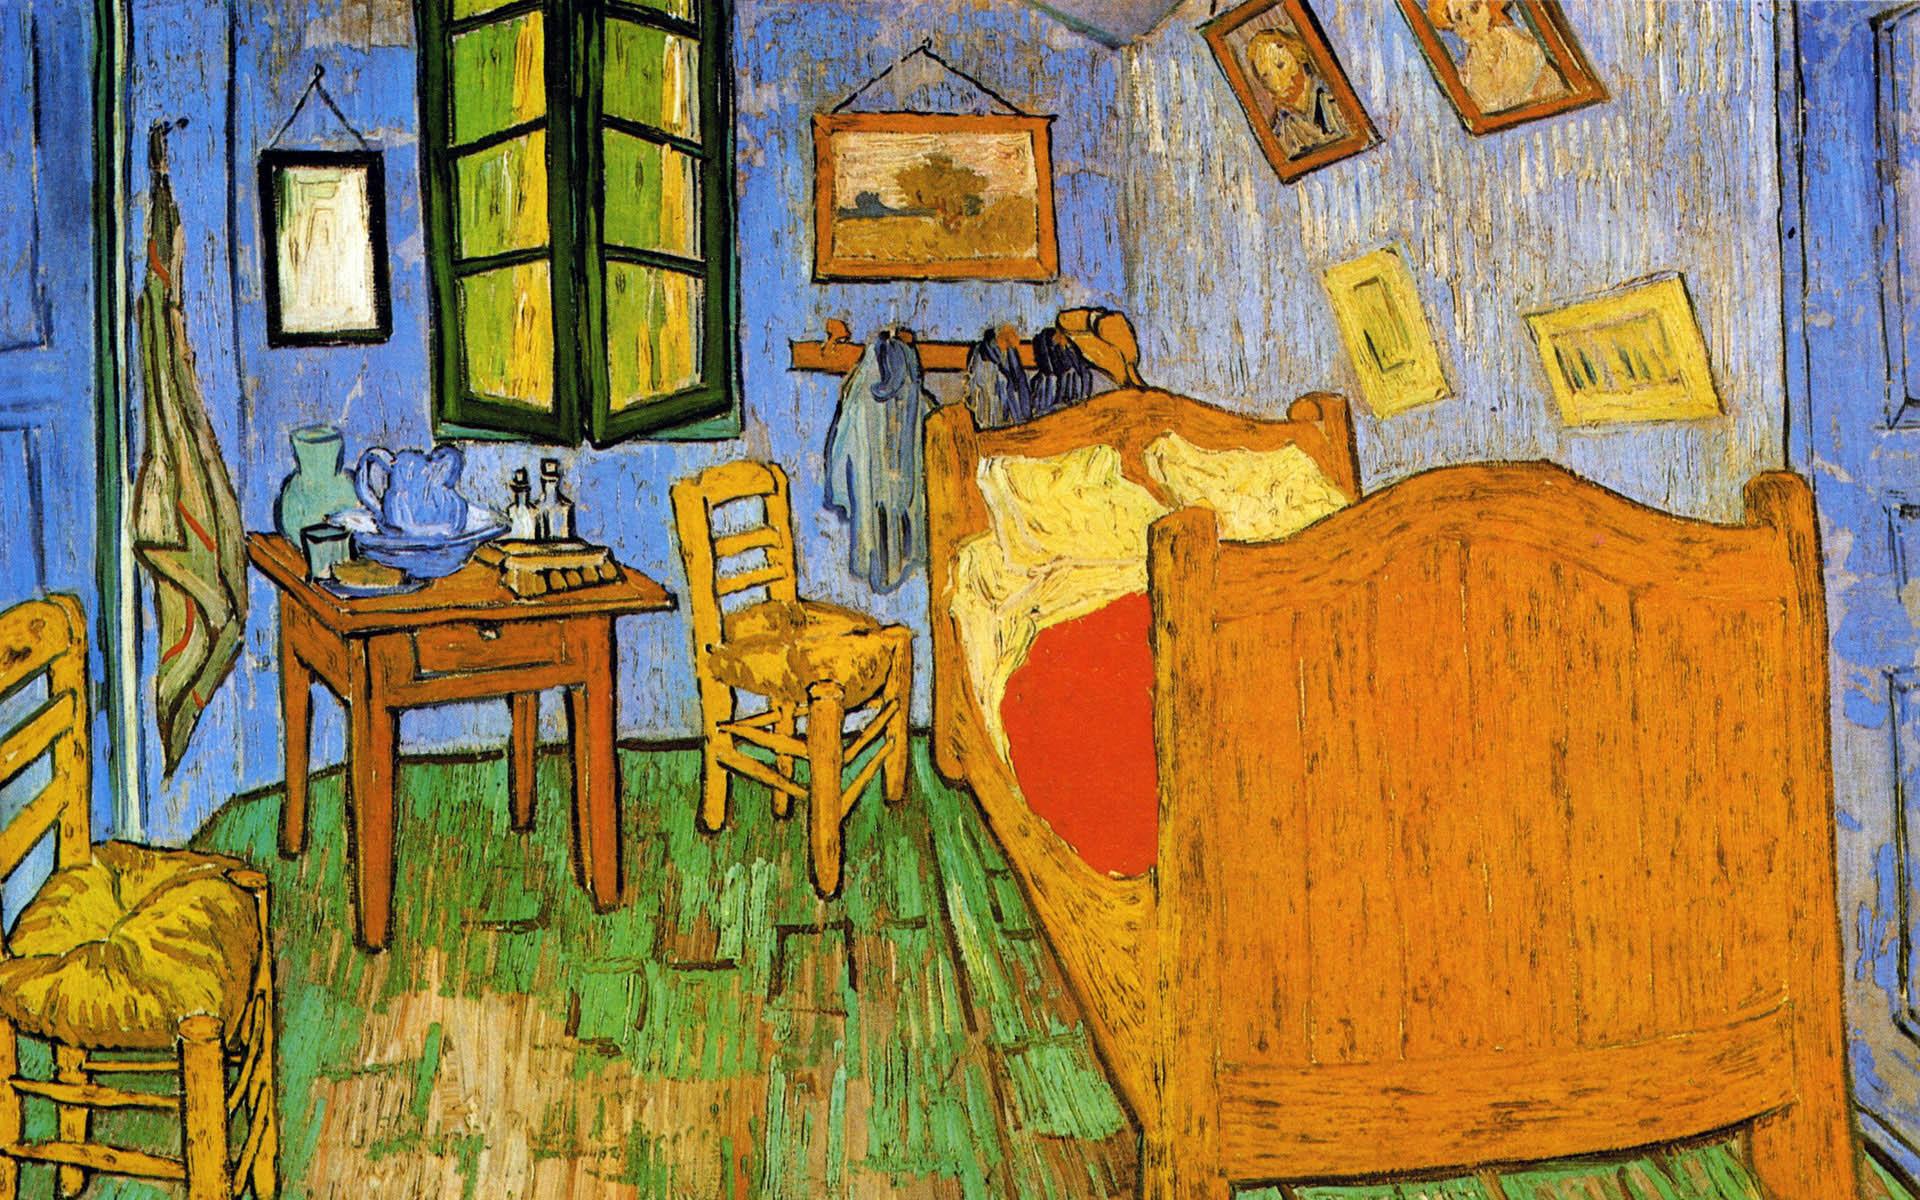 Van gogh e la sua stanza di arles il rifugio dal tormento restaurars - Camera da letto van gogh ...